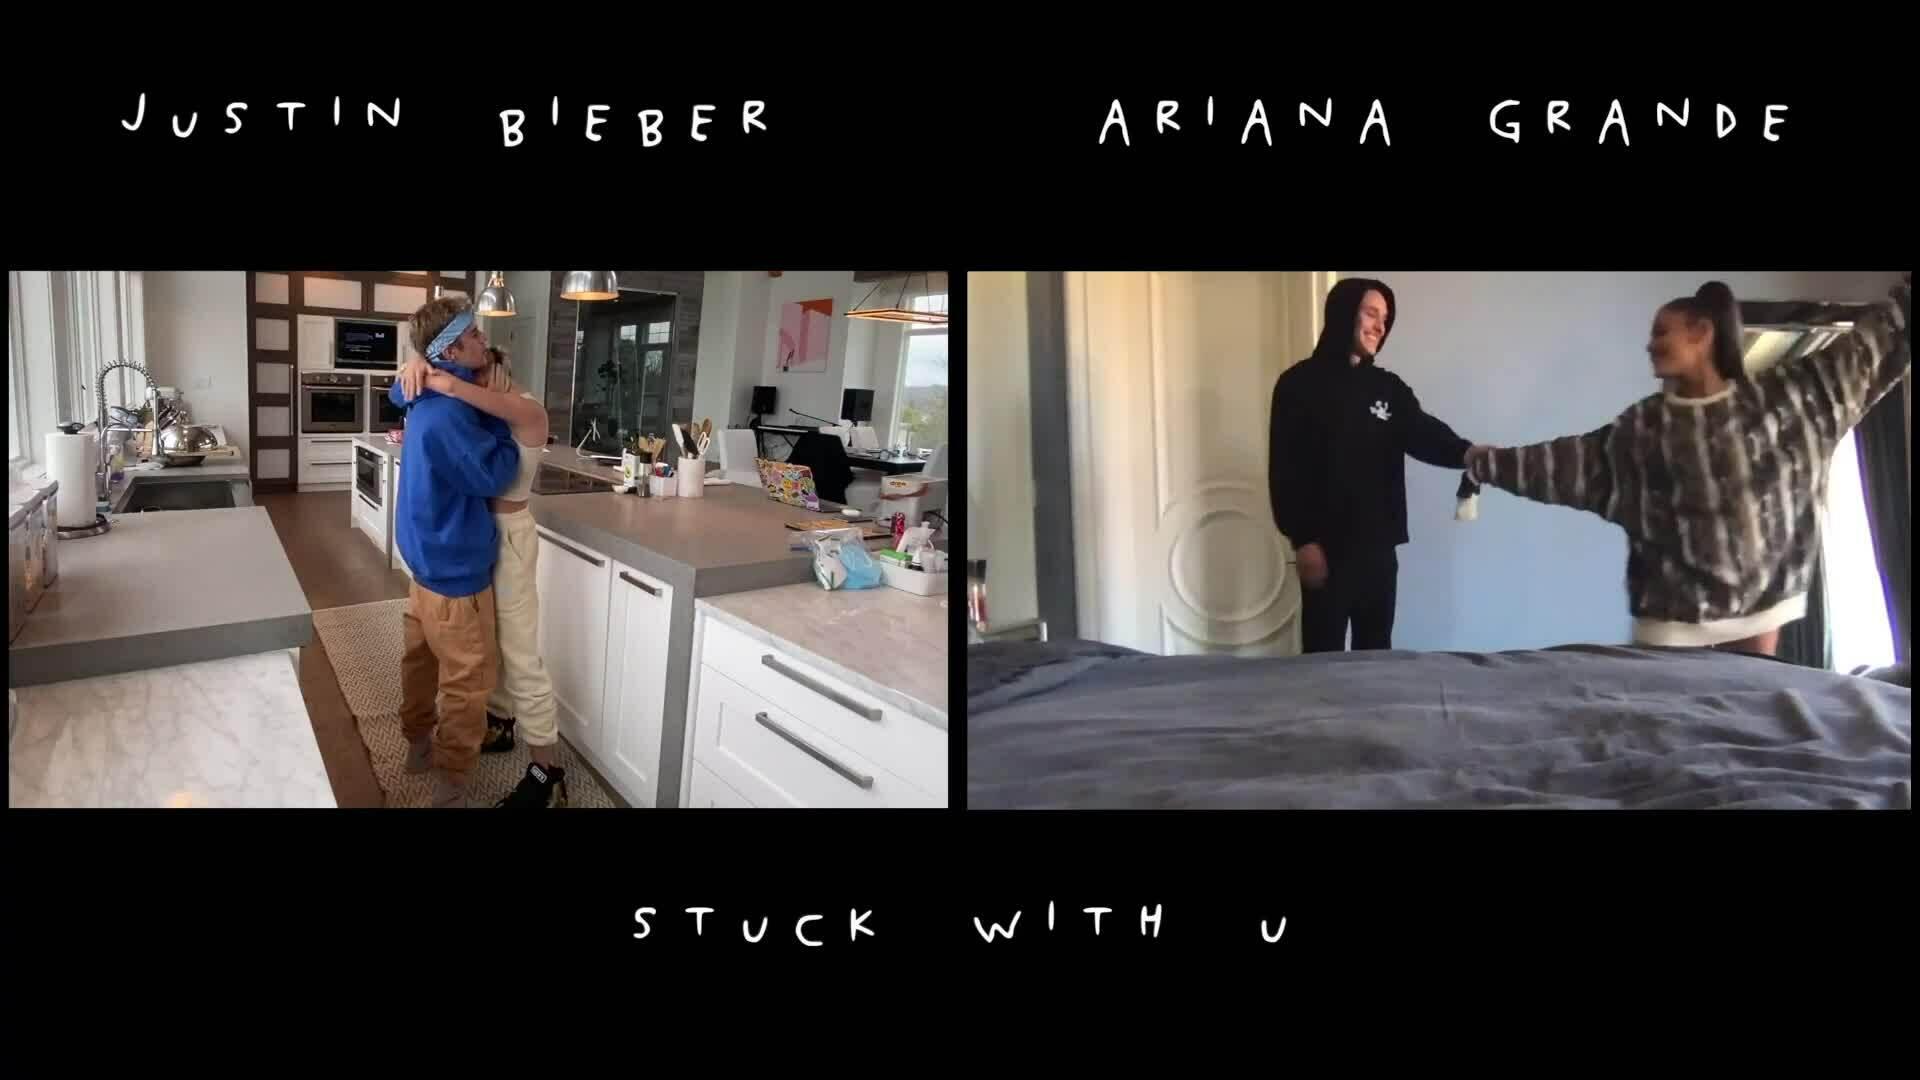 Stuck With U - Ariana Grande và Justin Bieber